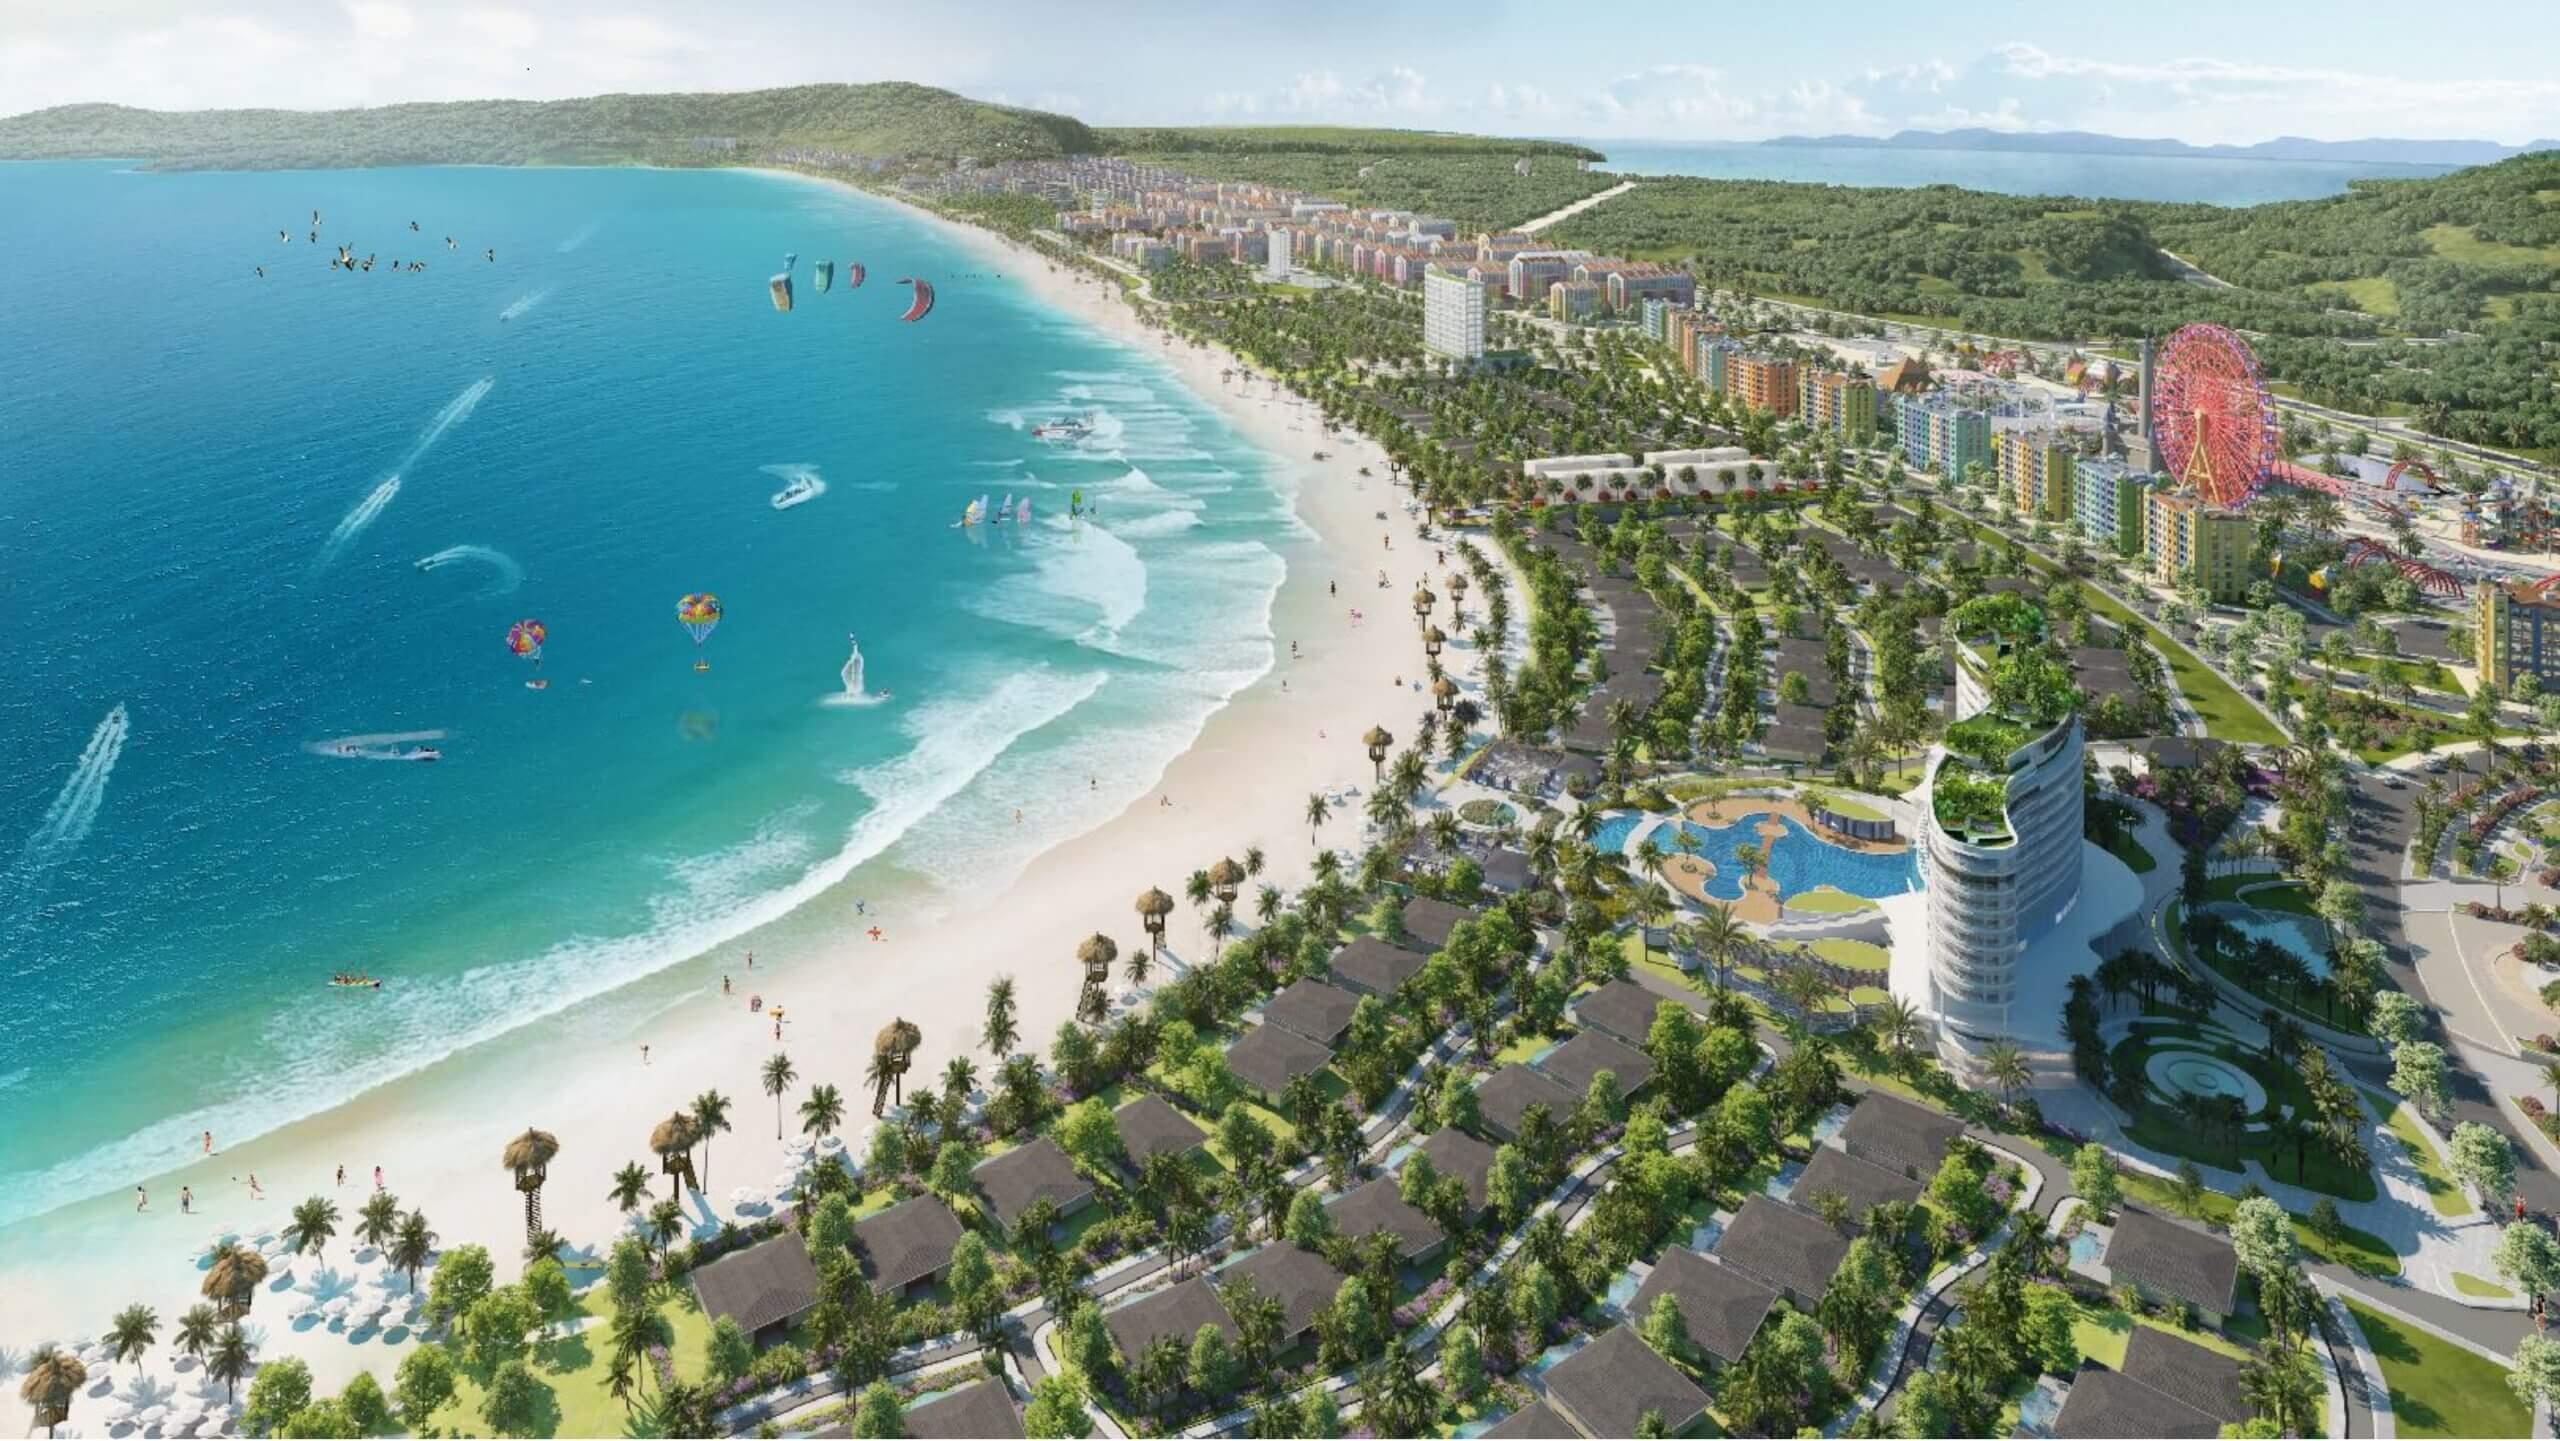 Phối cảnh siêu dự án Wonder City Vân Phong Bay.